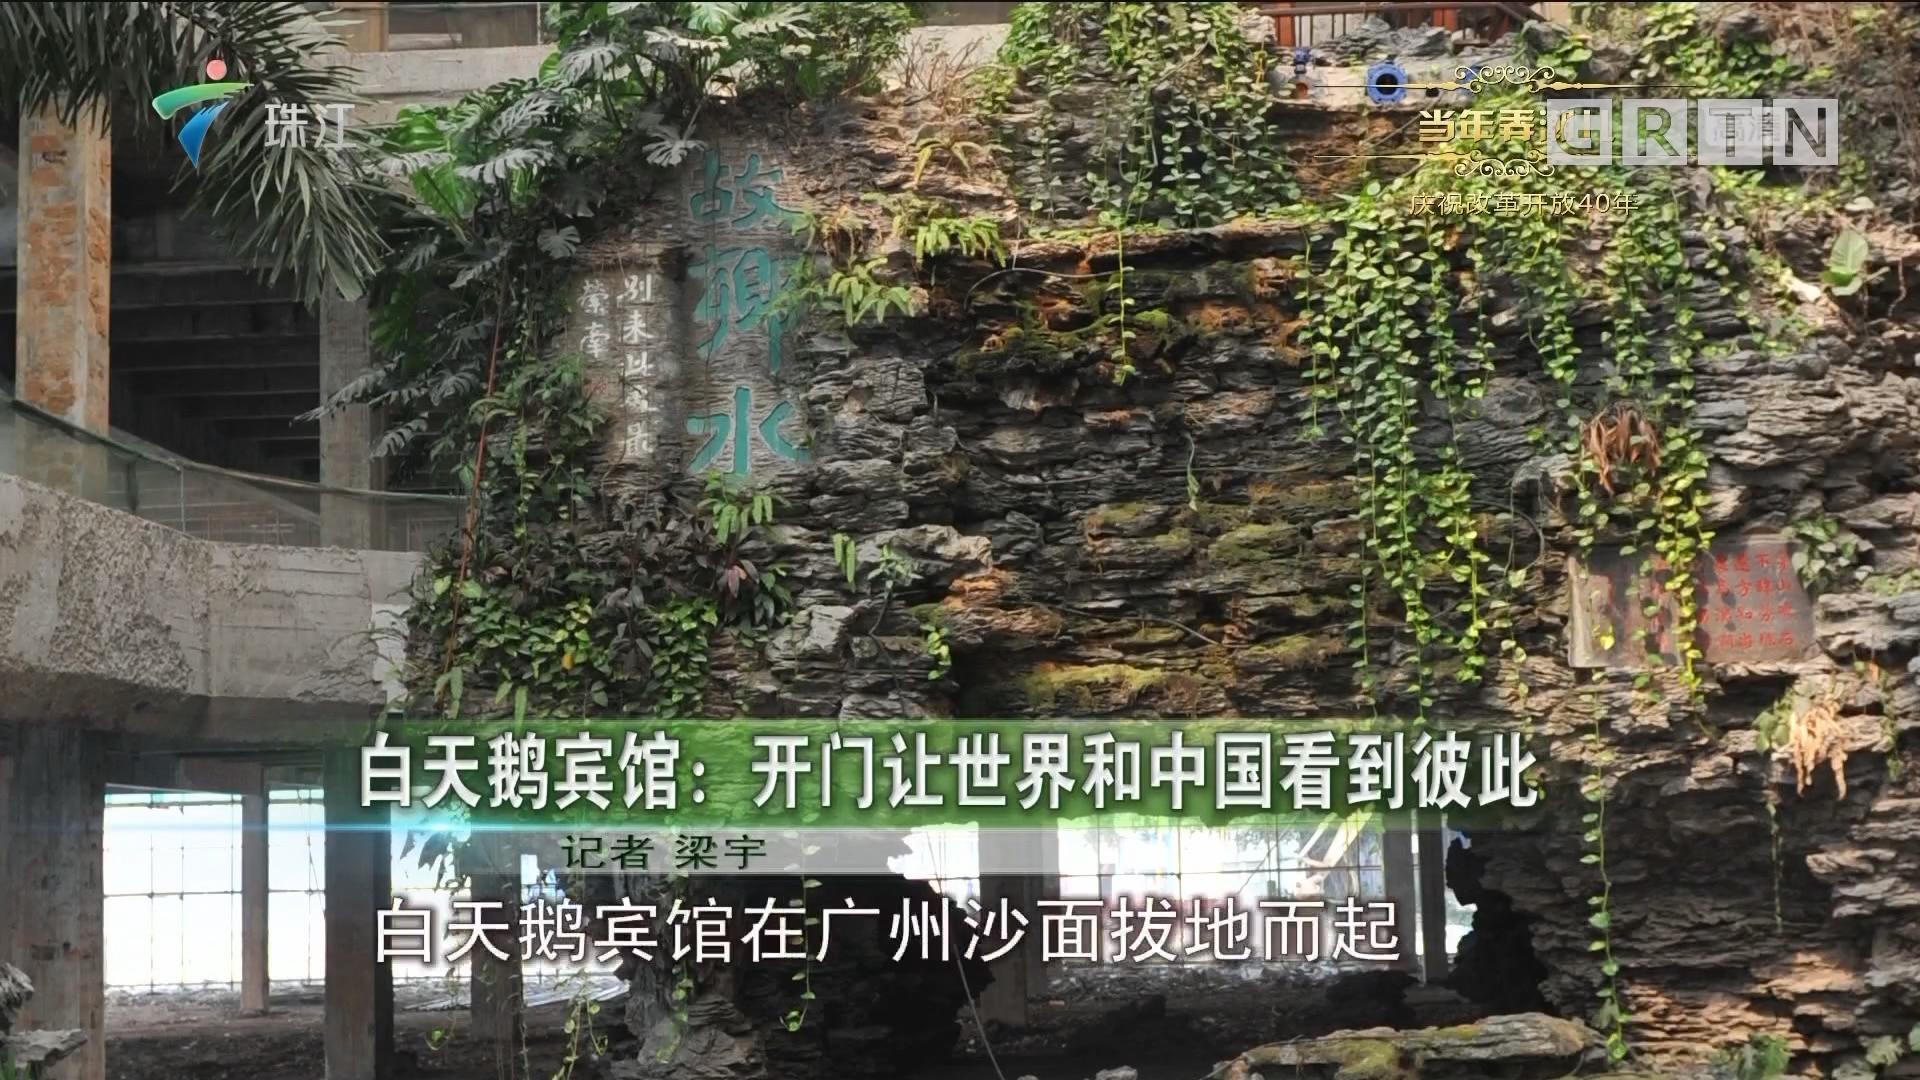 白天鹅宾馆:开门让世界和中国看到彼此